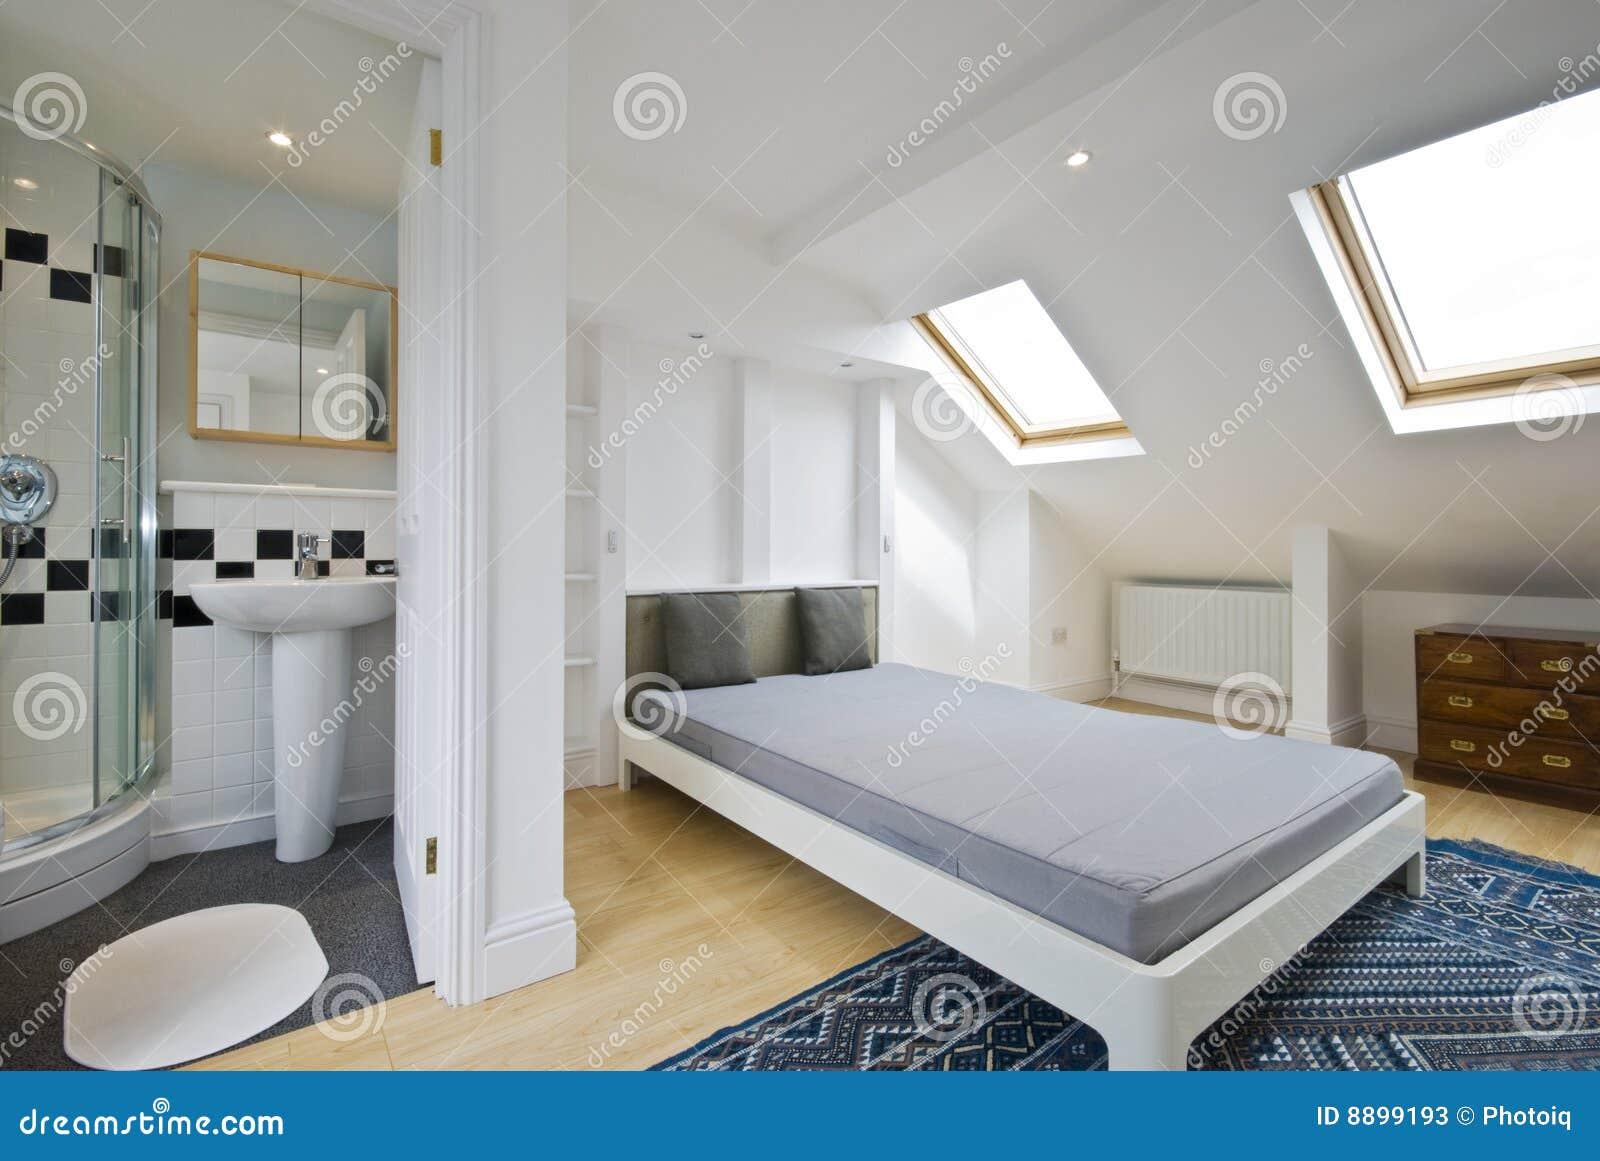 5 suite de toit de grenier den de chambre coucher de salle de bains - Salle A Coucher